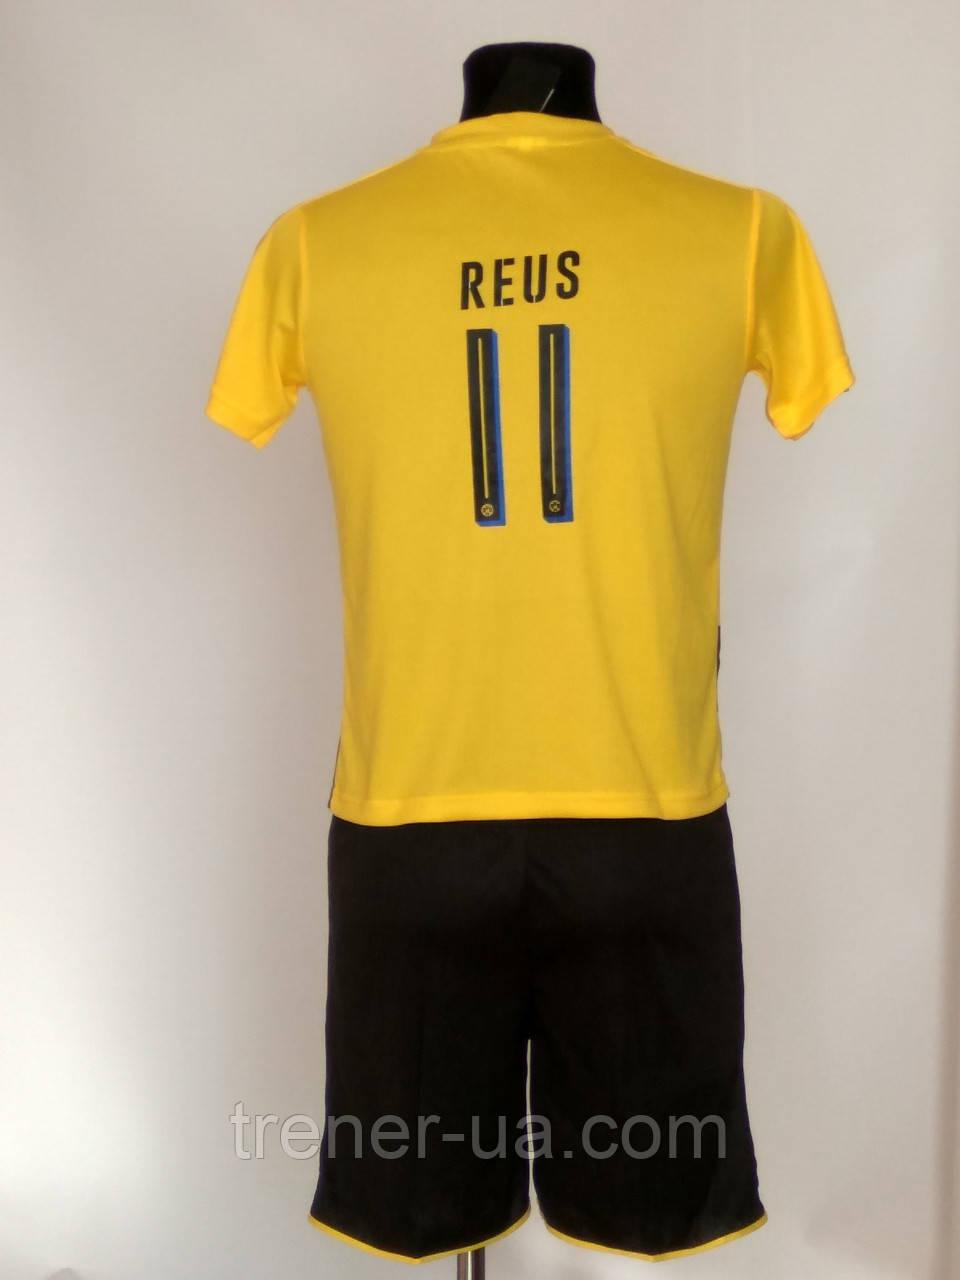 Футбольна форма дитяче підліткове BVB Reus 11 сезон 2018